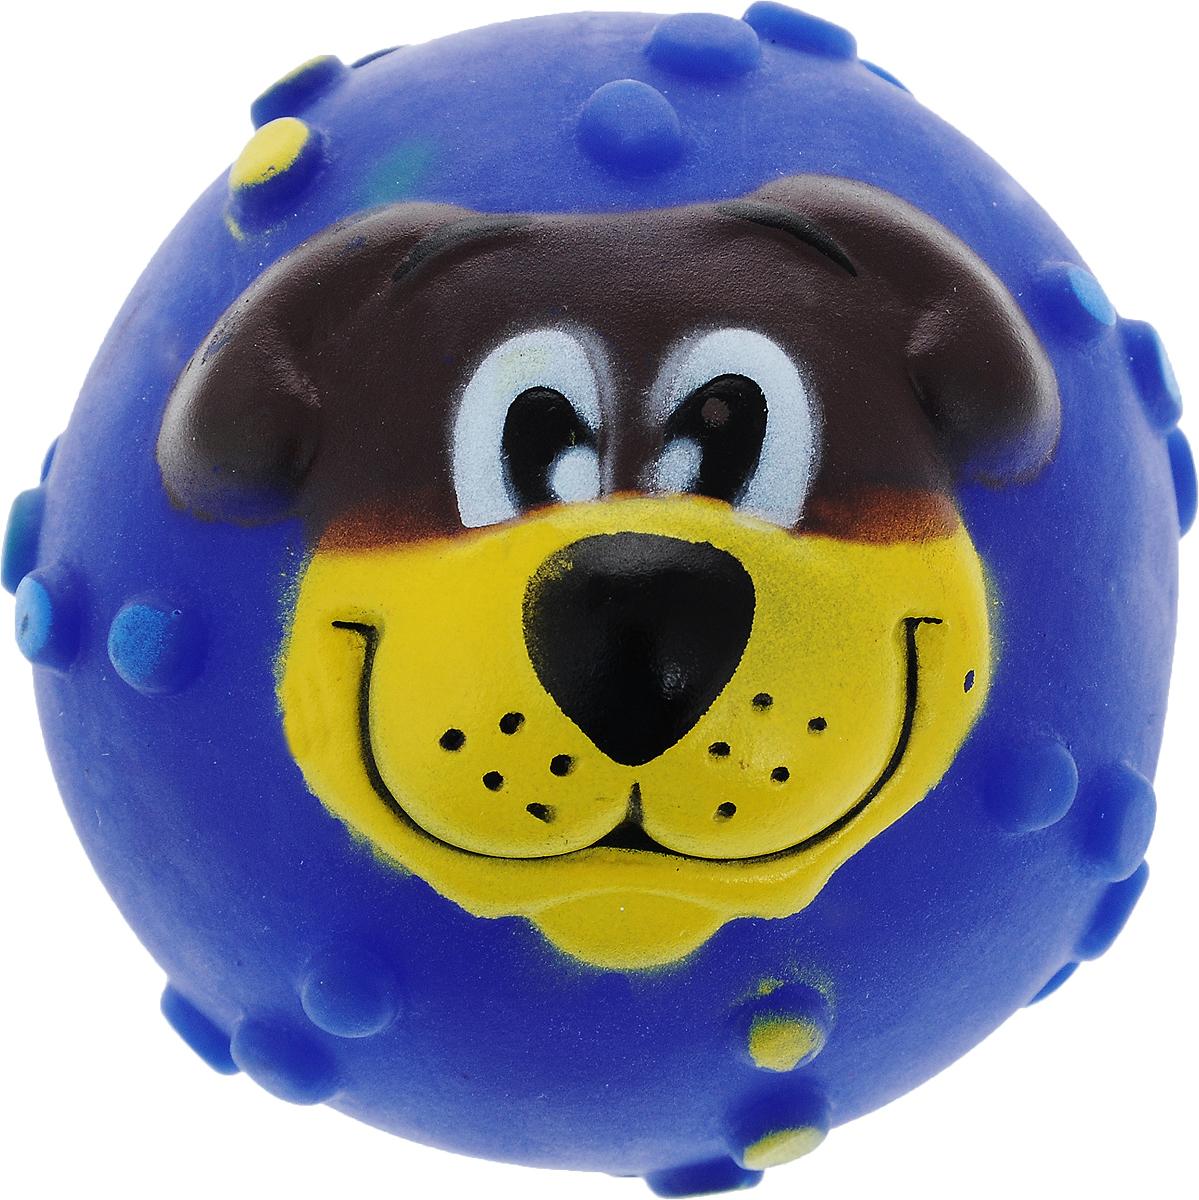 Игрушка для собак Каскад Мячик с мордочкой, с пищалкой, цвет: синий, диаметр 7 см27799330_голубойИгрушка Каскад Мячик с мордочкой изготовлена из прочной и долговечной резины, устойчивой к разгрызанию. Необычная и забавная игрушка прекрасно подойдет для собак, любящих игрушки с пищалками. Такая игрушка порадует вашего любимца, а вам доставит массу приятных эмоций, ведь наблюдать за игрой всегда интересно и приятно. Диаметр: 7 см.